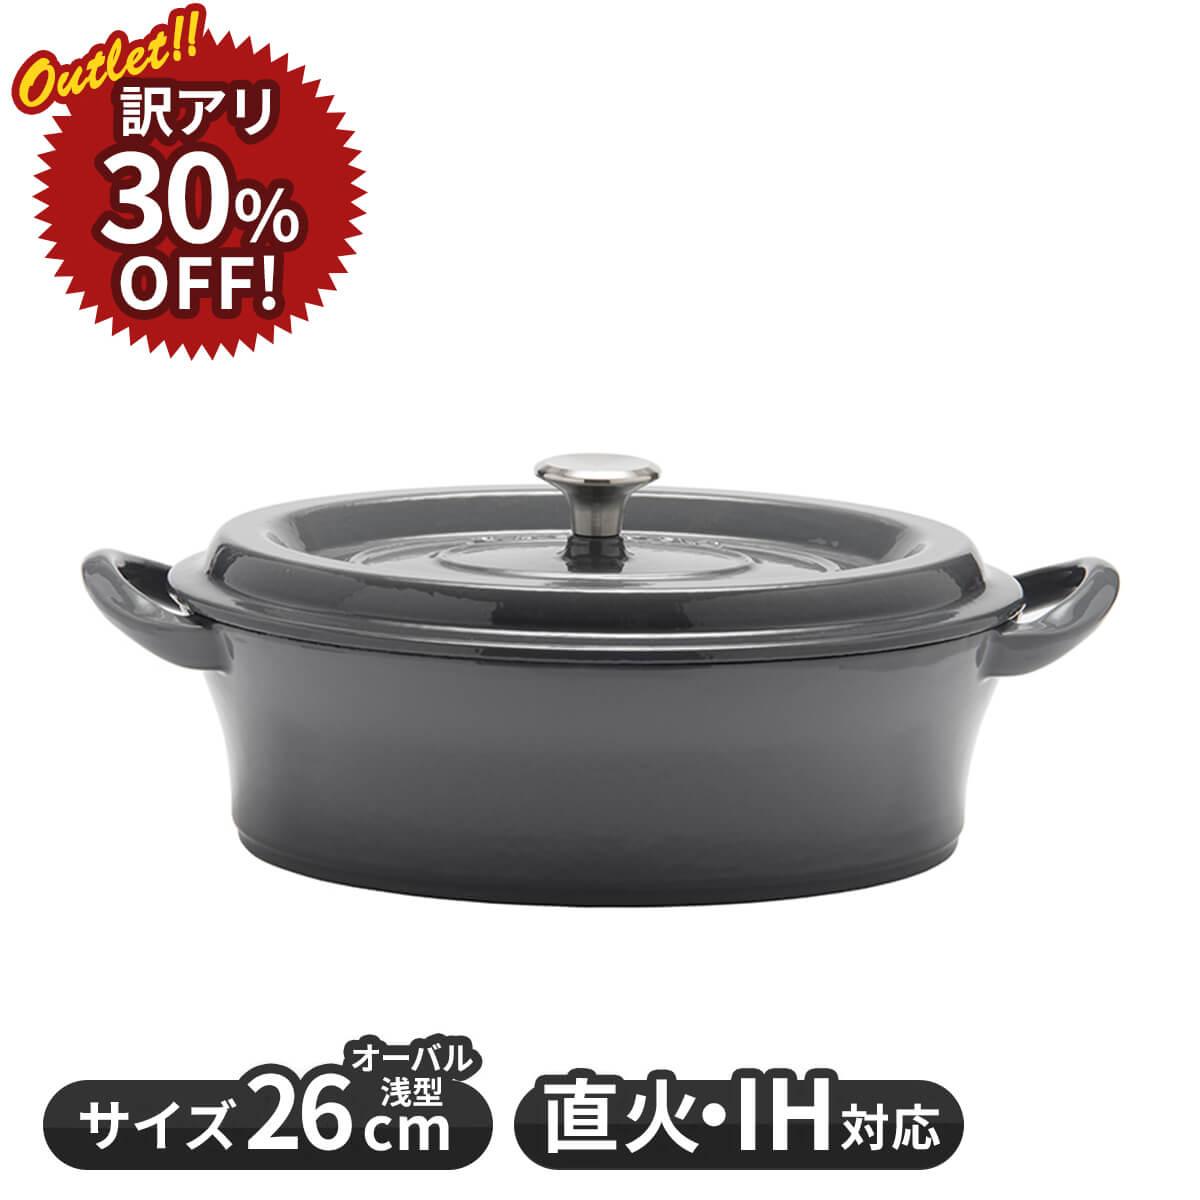 【アウトレットセール30%オフ/訳あり】グッドプラス キャストポットオーバル26�グレー(鉄鋳物ホーロー鍋)